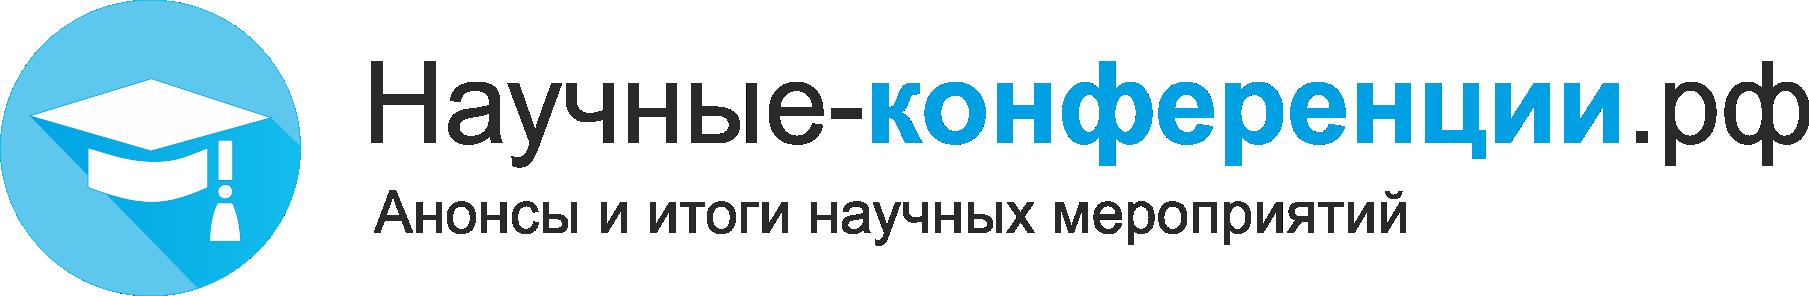 Научные конференции